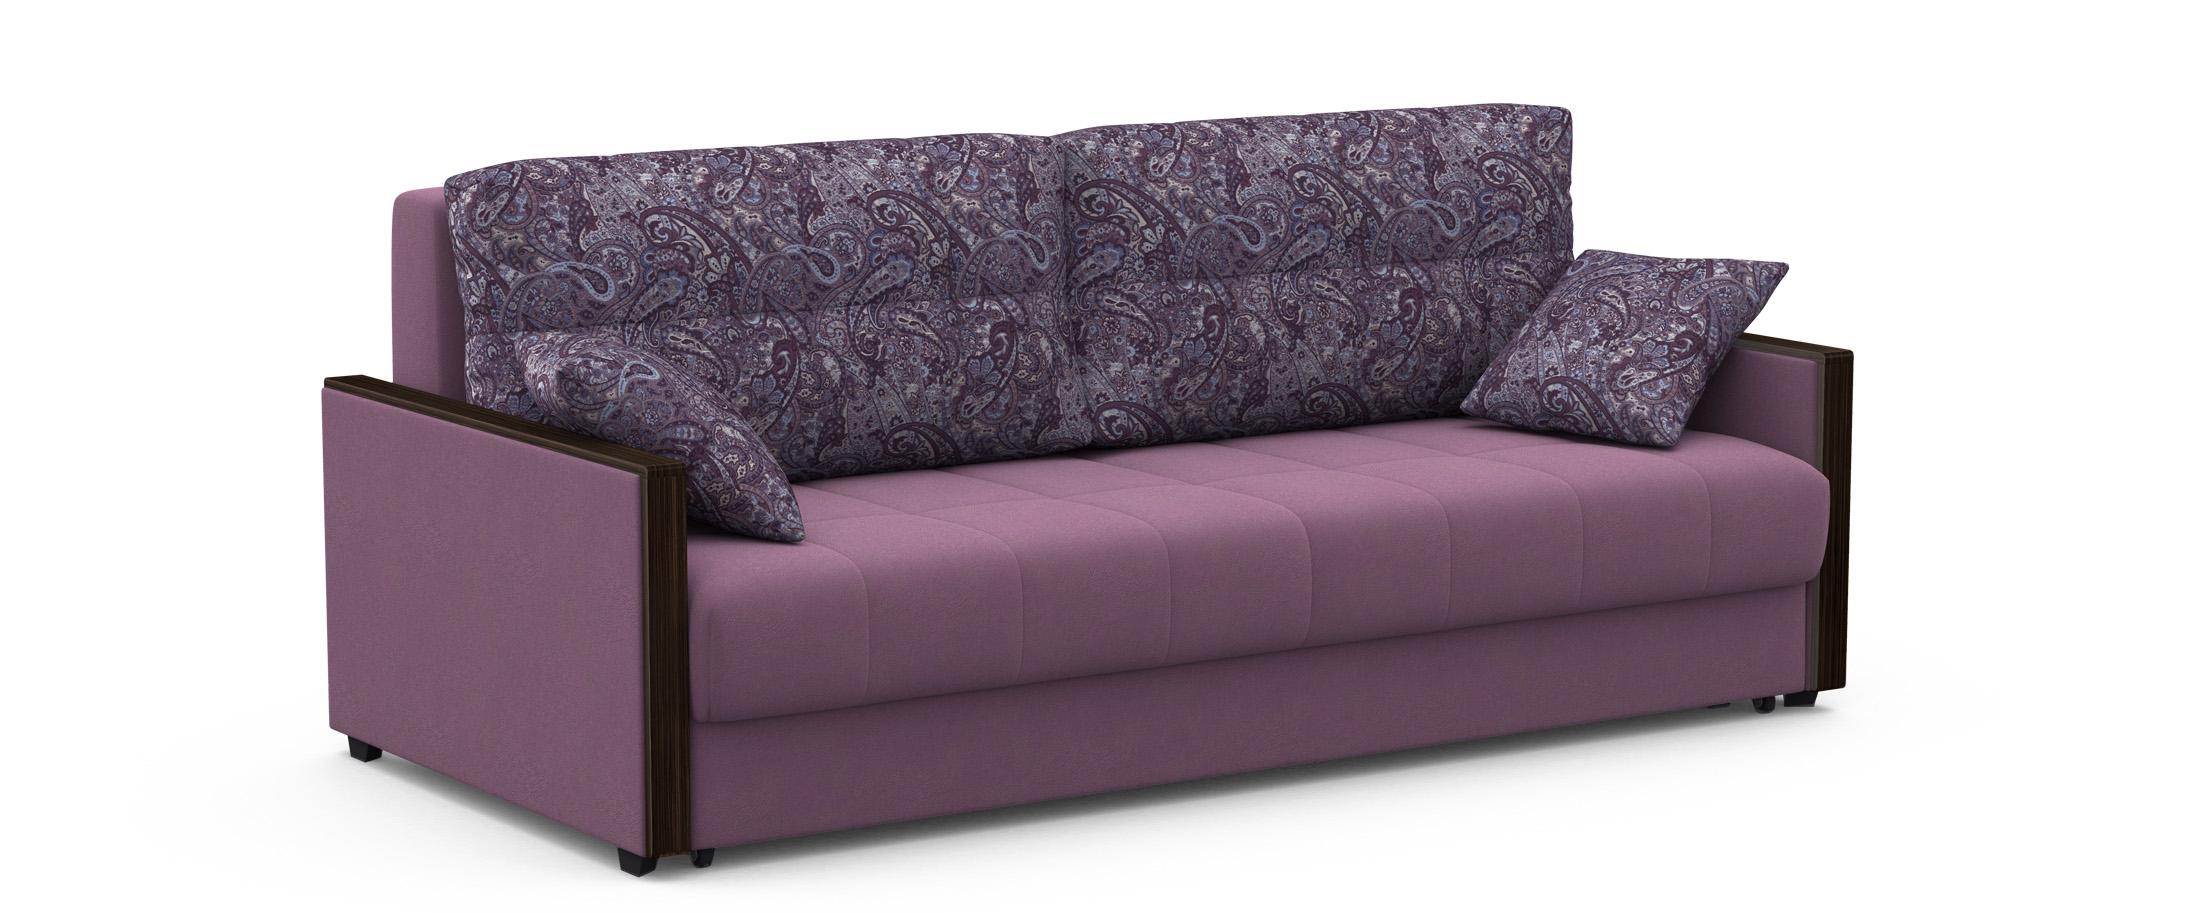 Диван прямой еврокнижка Мадрид 093? Купить Диван прямой Еврокнижка Мадрид Фиолетовый . ? Раскладывается в кровать с полноценным спальным местом 160x200. Гарантия 18 месяцев. ?? Доставка от 1 дня. Артикул 001685.<br>